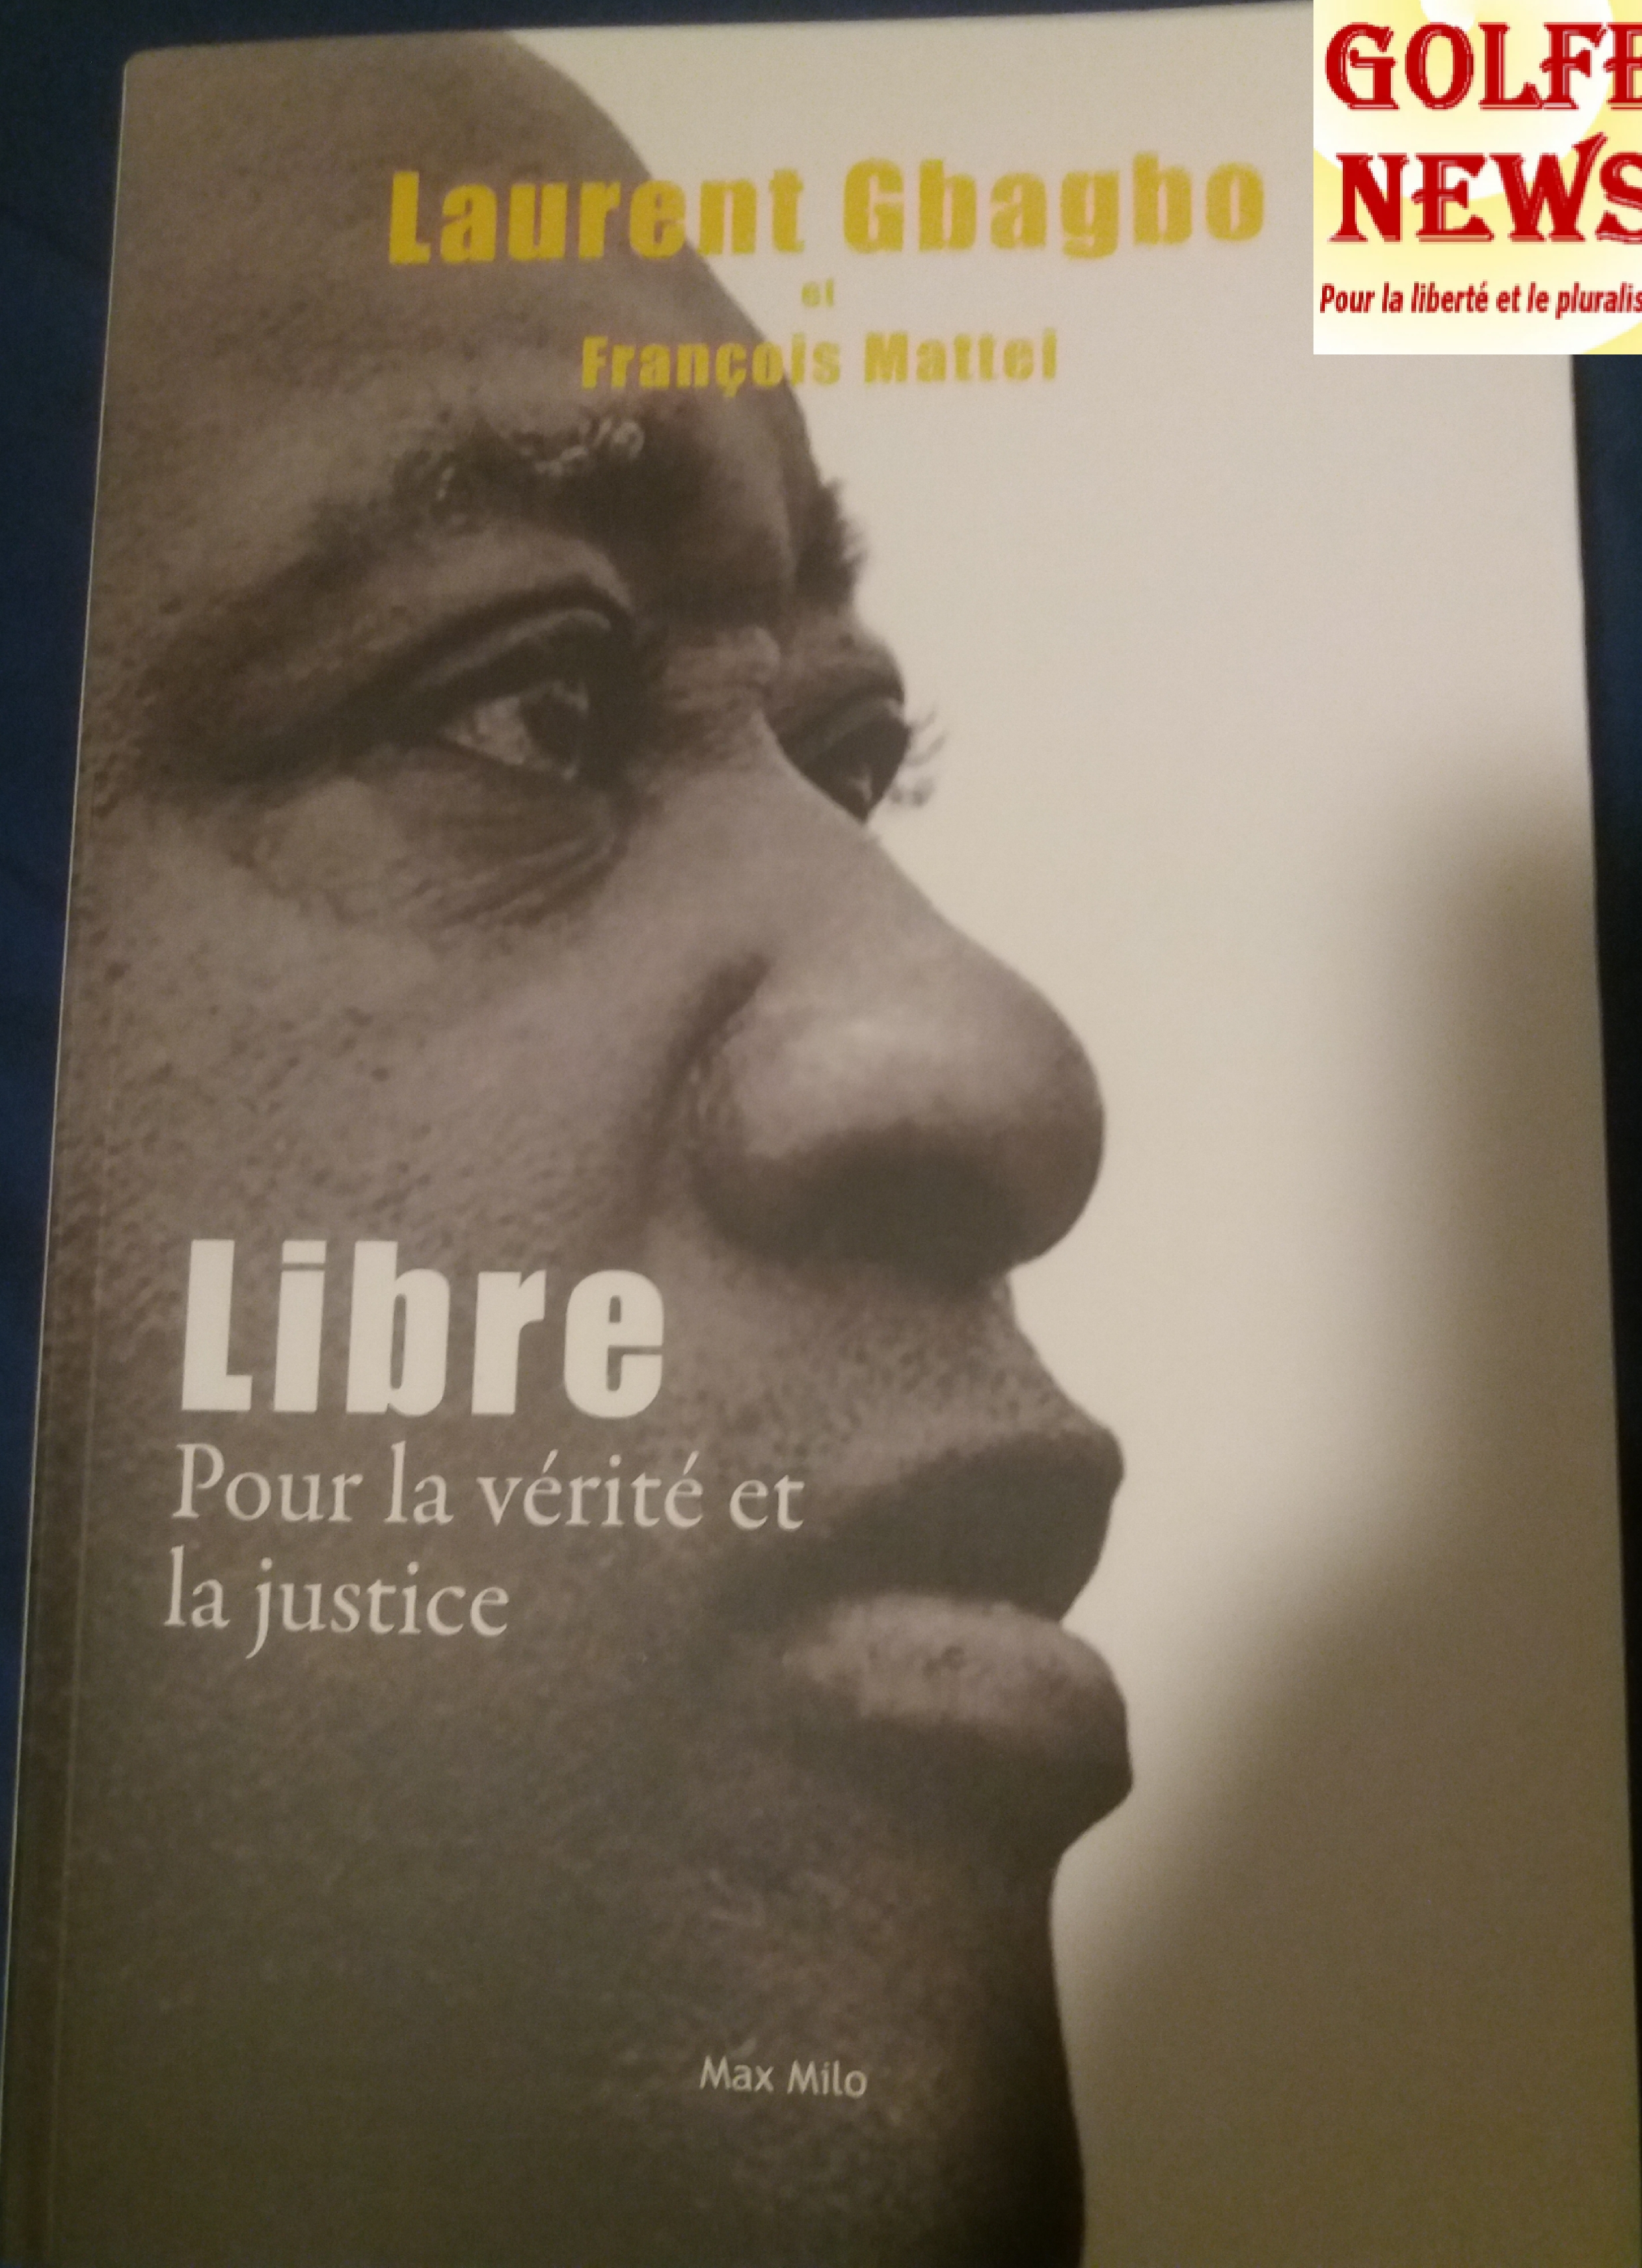 Côte d'Ivoire: Laurent Gbagbo raconte son calvaire  en prison